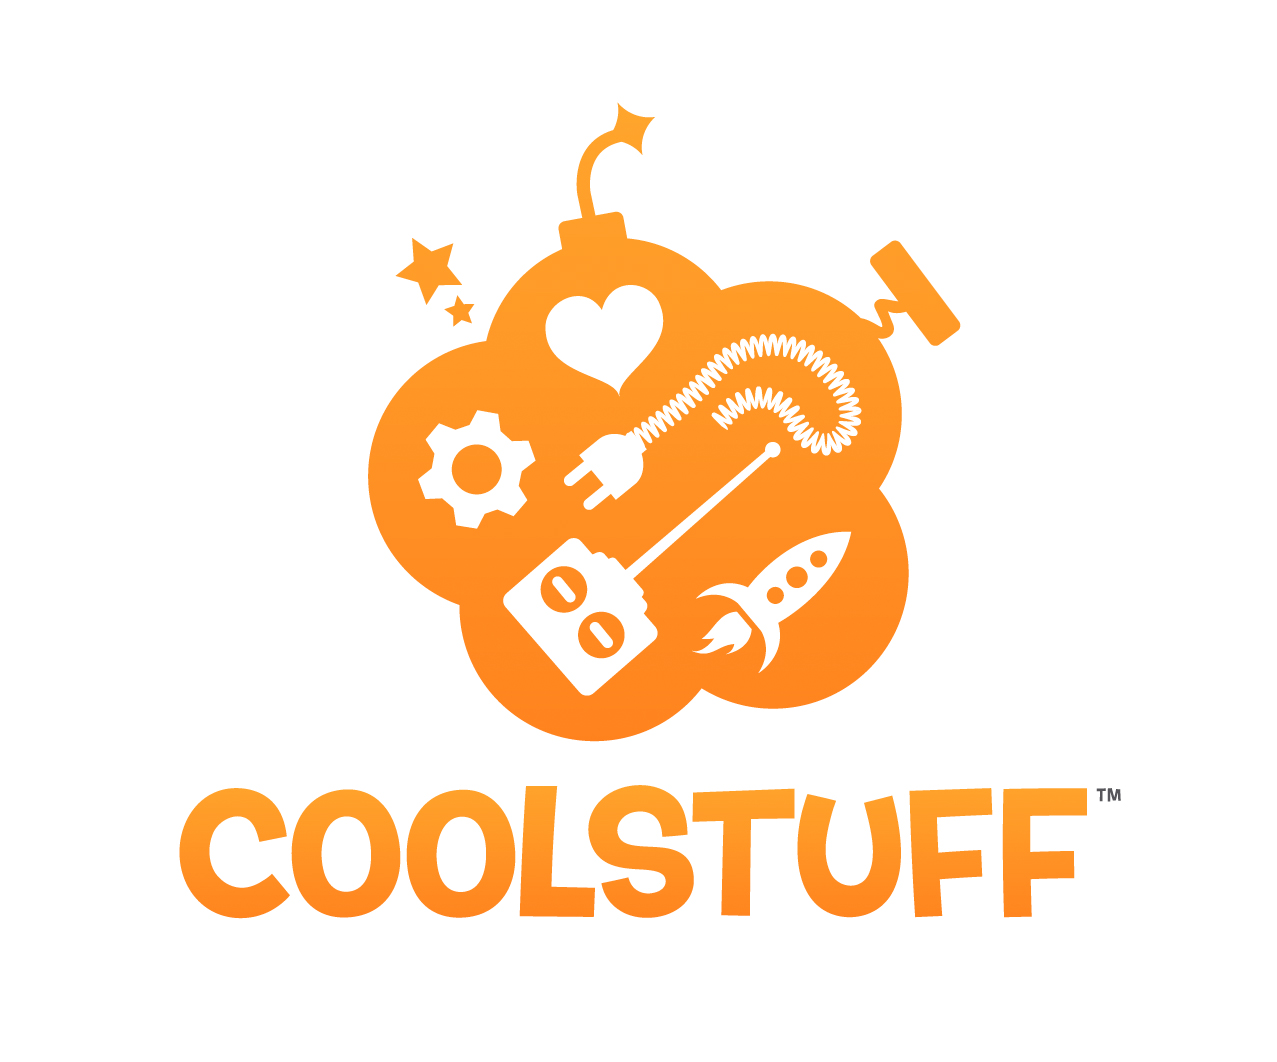 Coolstuff – Gadgets, Gadgets, Gadgets!